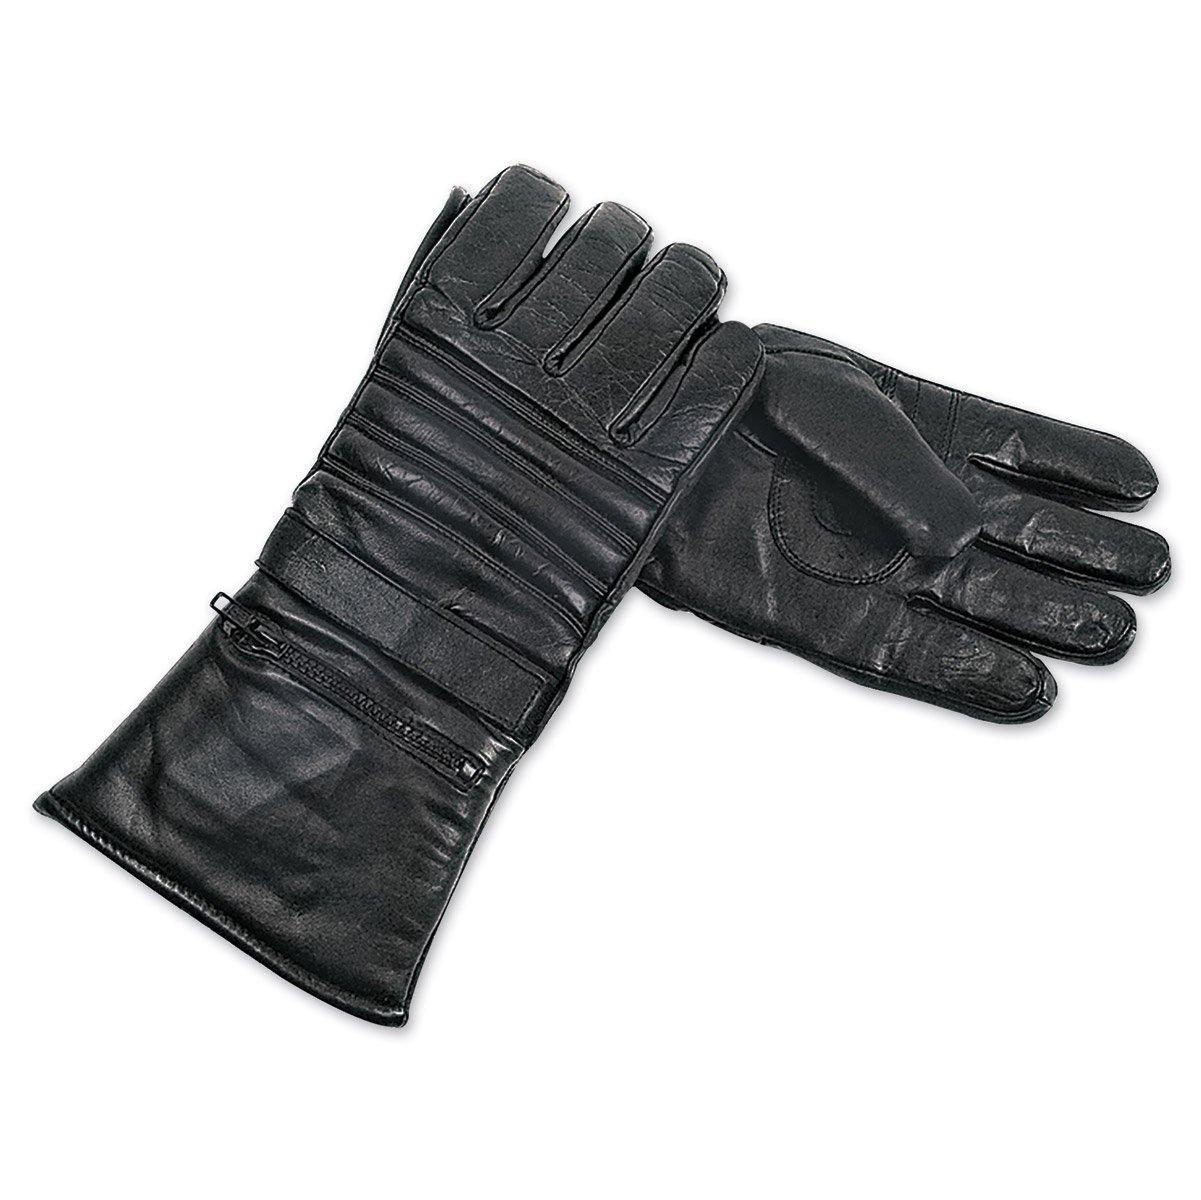 Interstate Leather Men's Basic Gauntlet Gloves (Black, X-Large)